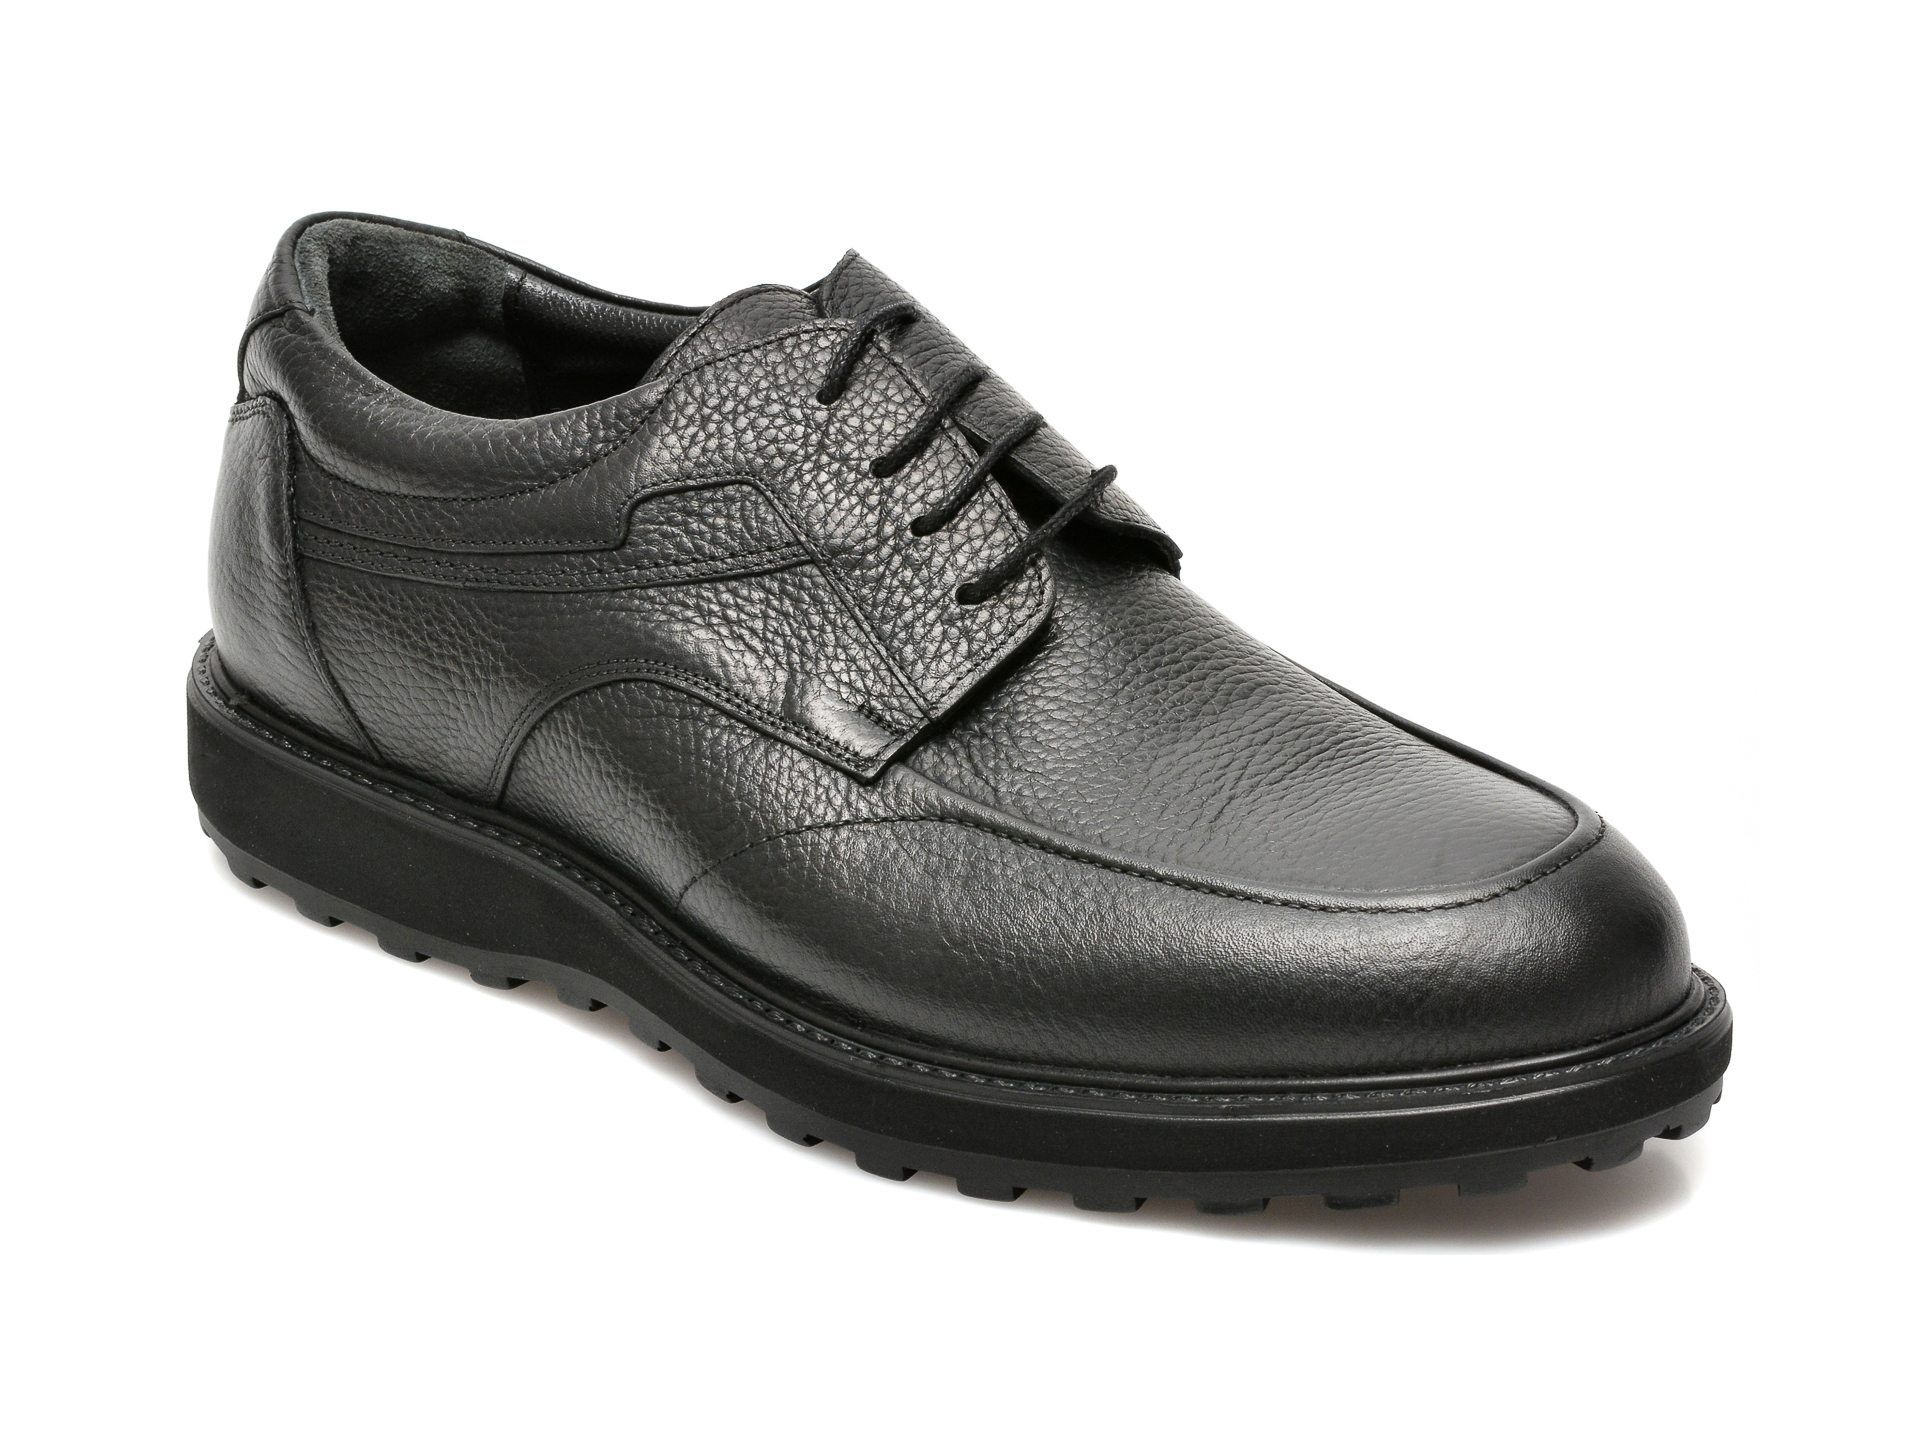 Pantofi OTTER negri, 16757, din piele naturala imagine 2021 Otter